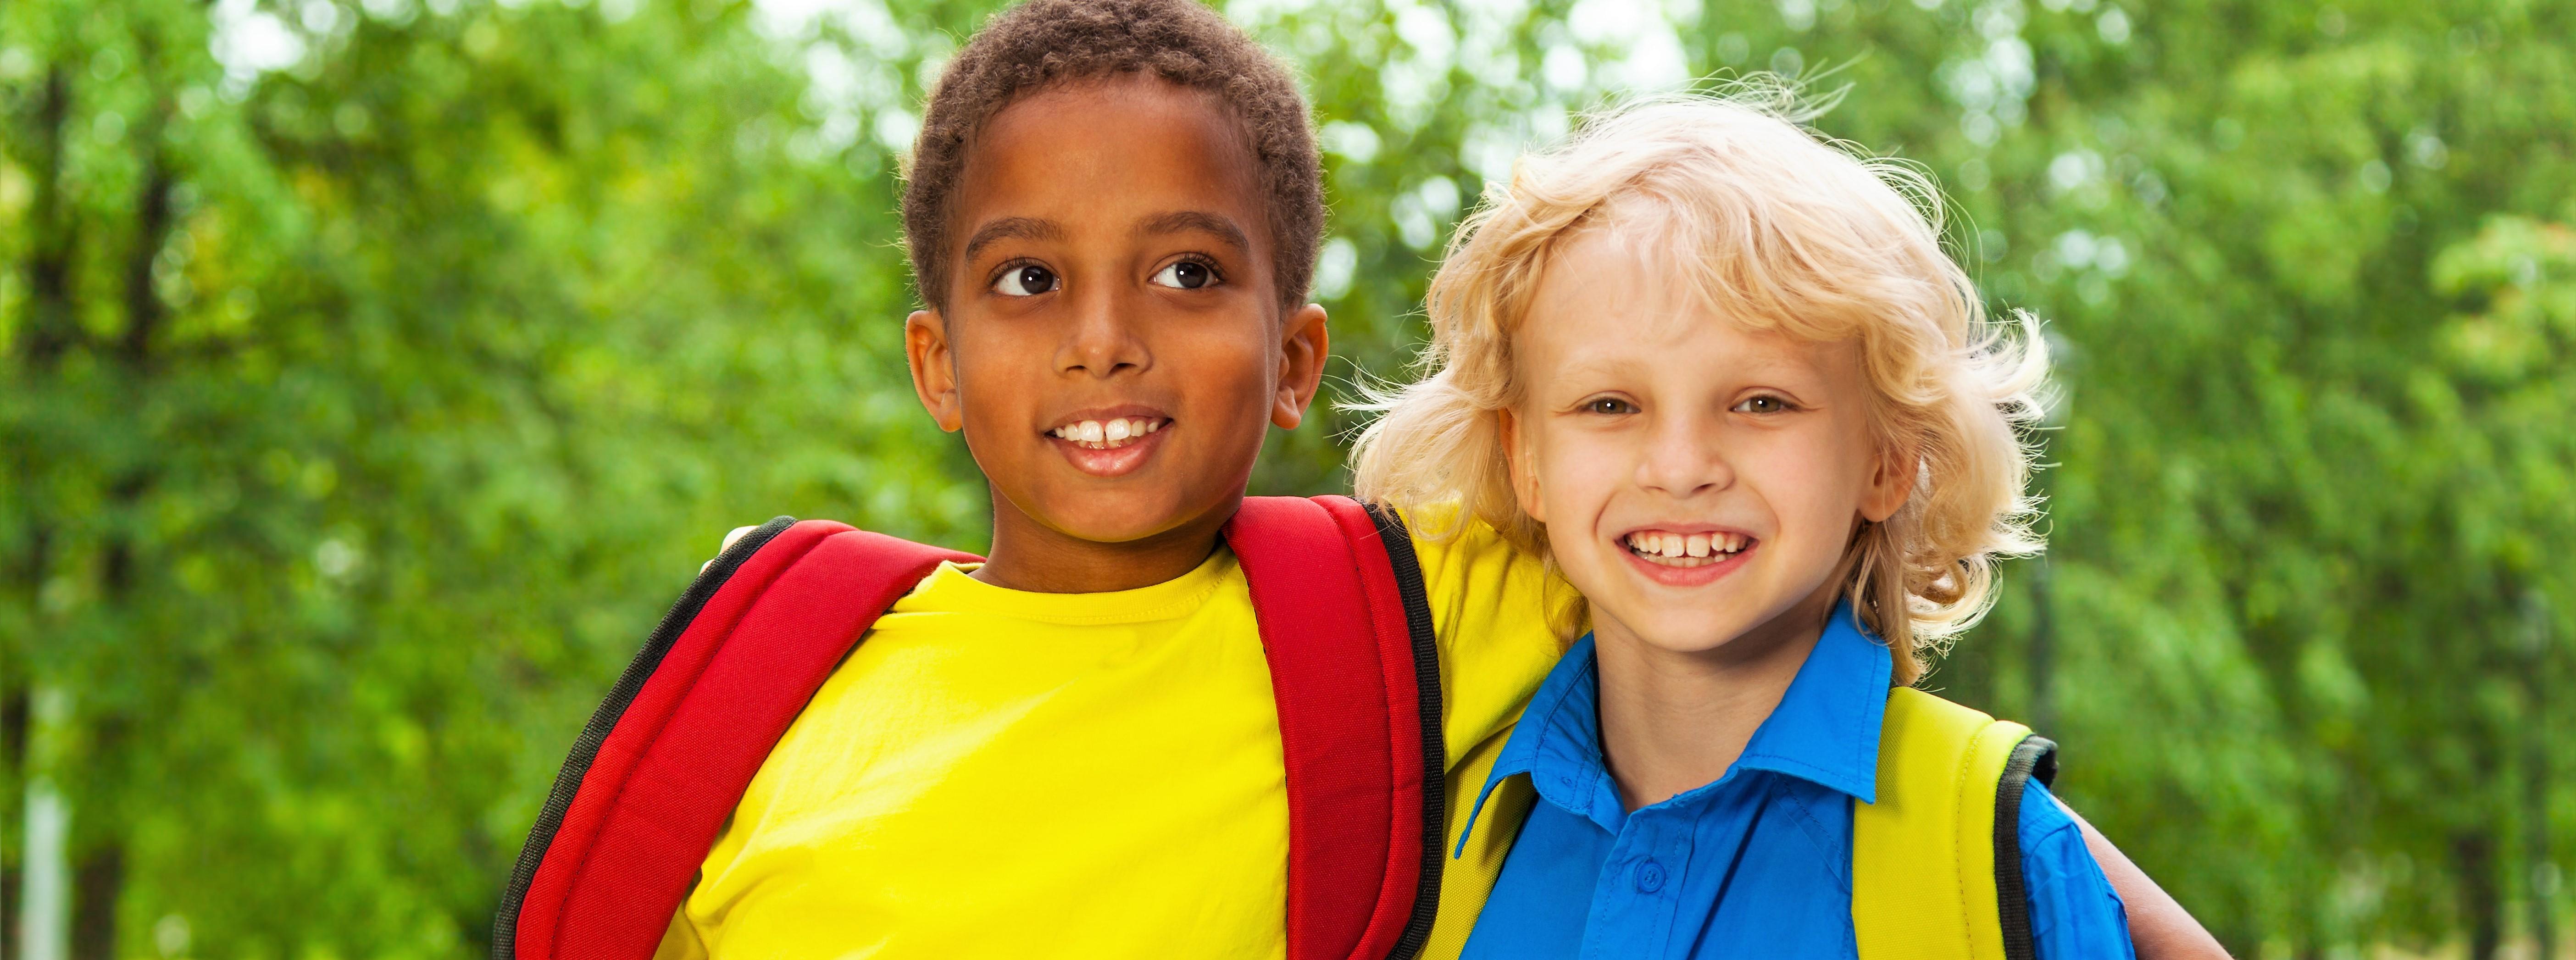 Bilde av to gutter som står skulder ved skulder og smiler